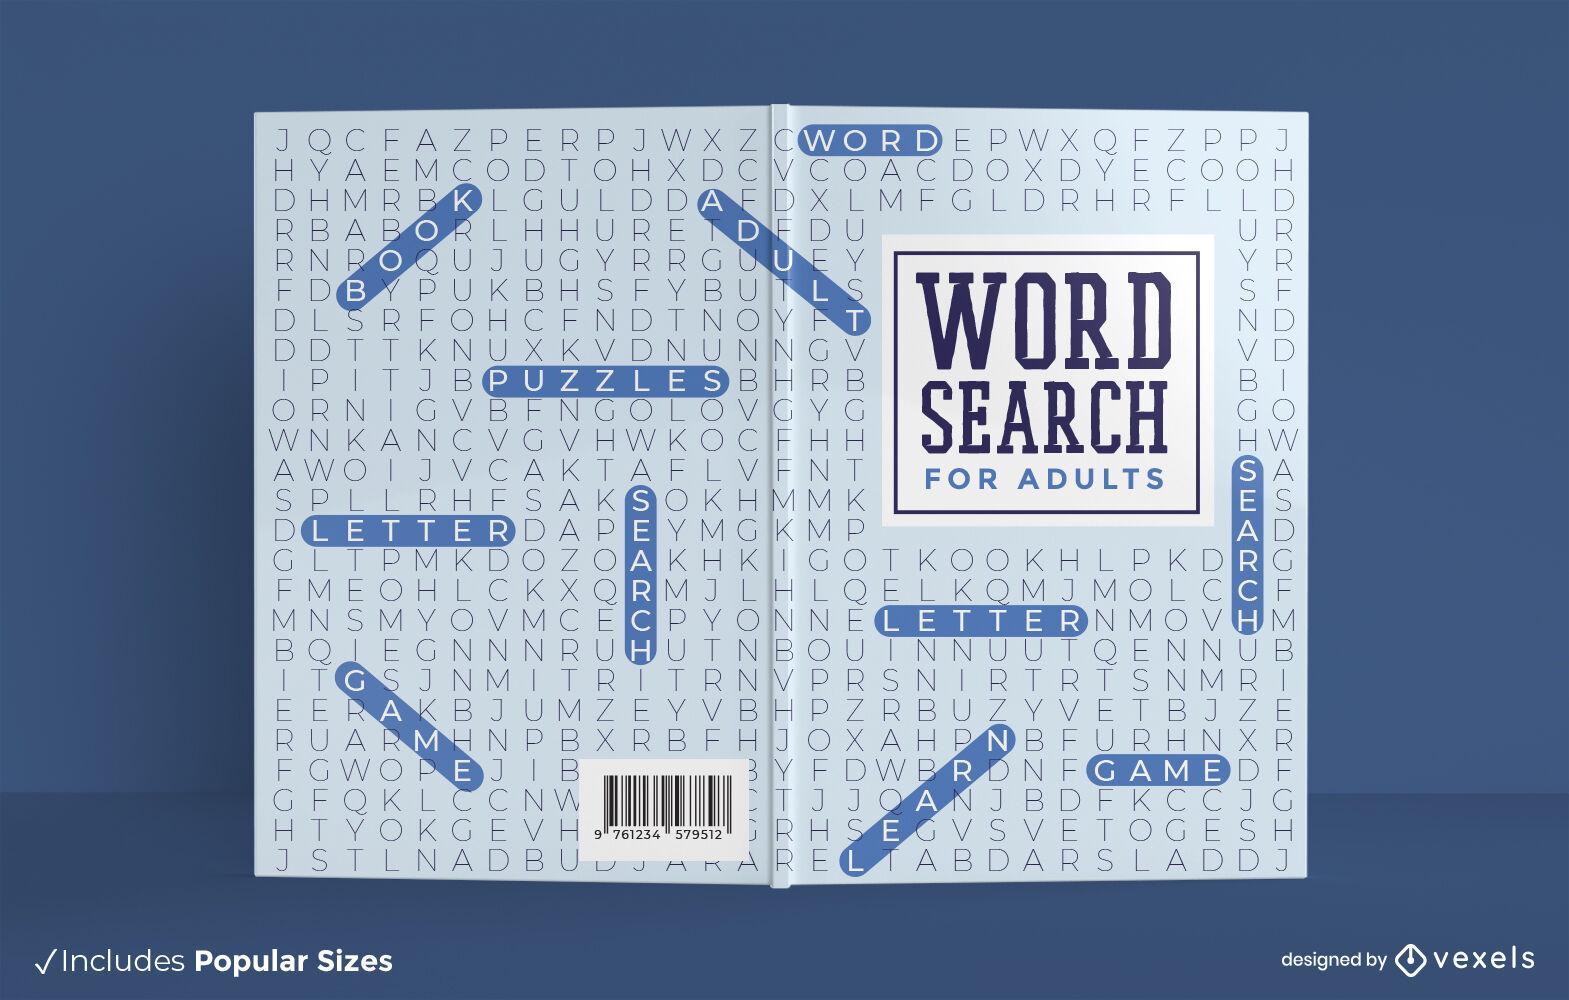 Diseño de portada de libro para adultos de búsqueda de palabras